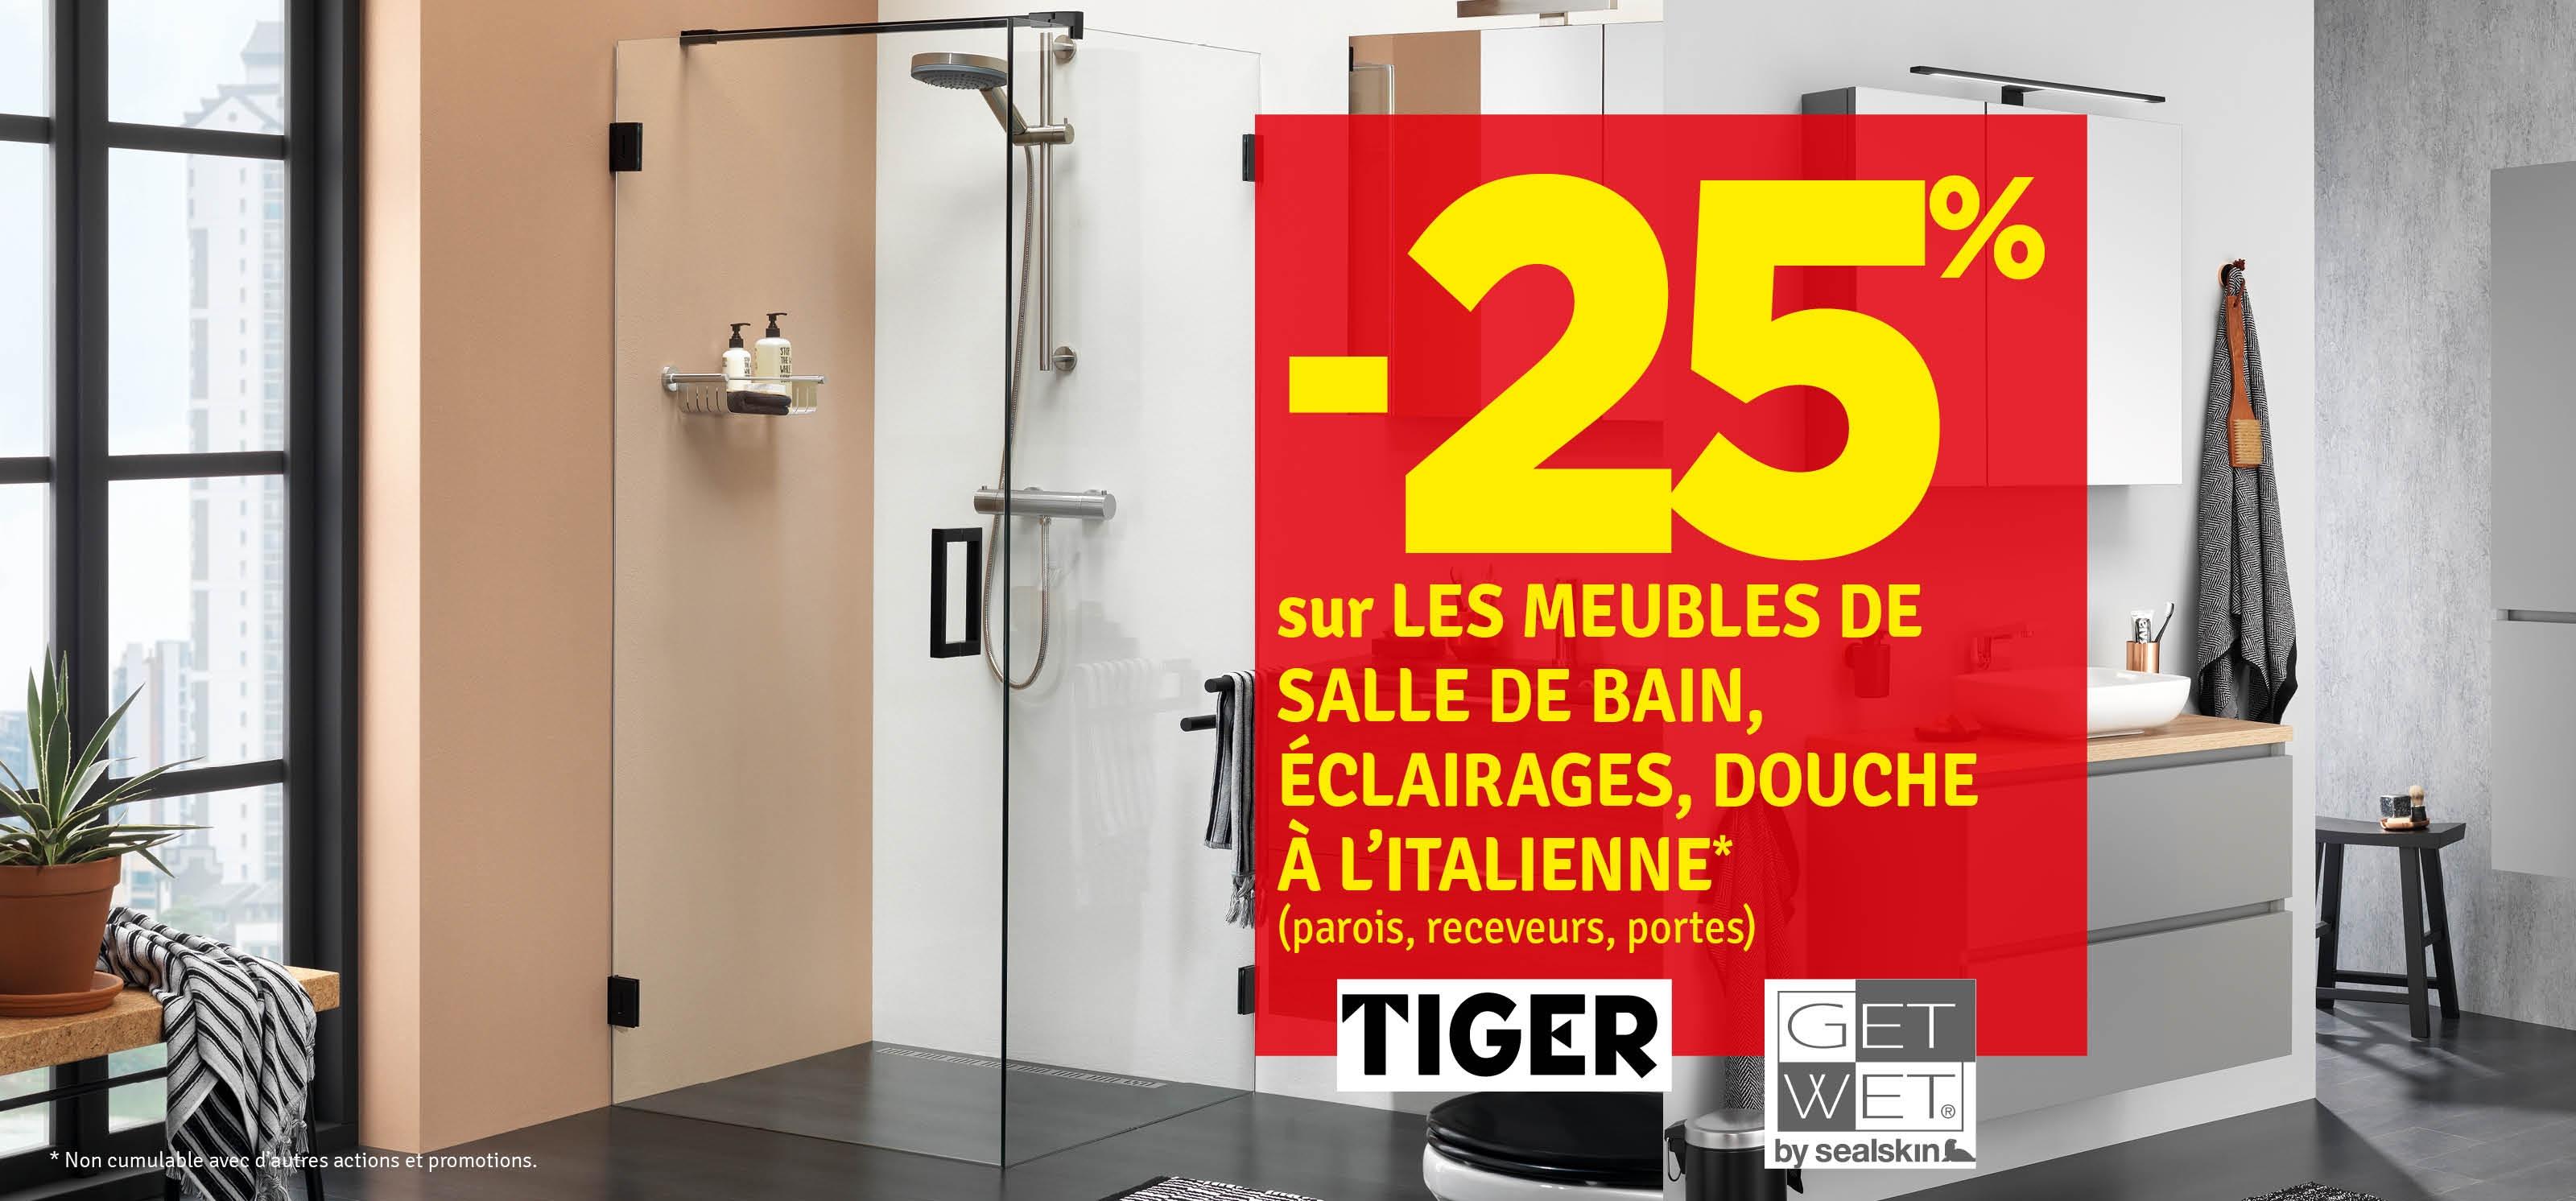 Promo - -25% sur les meubles de salle de bain Tiger